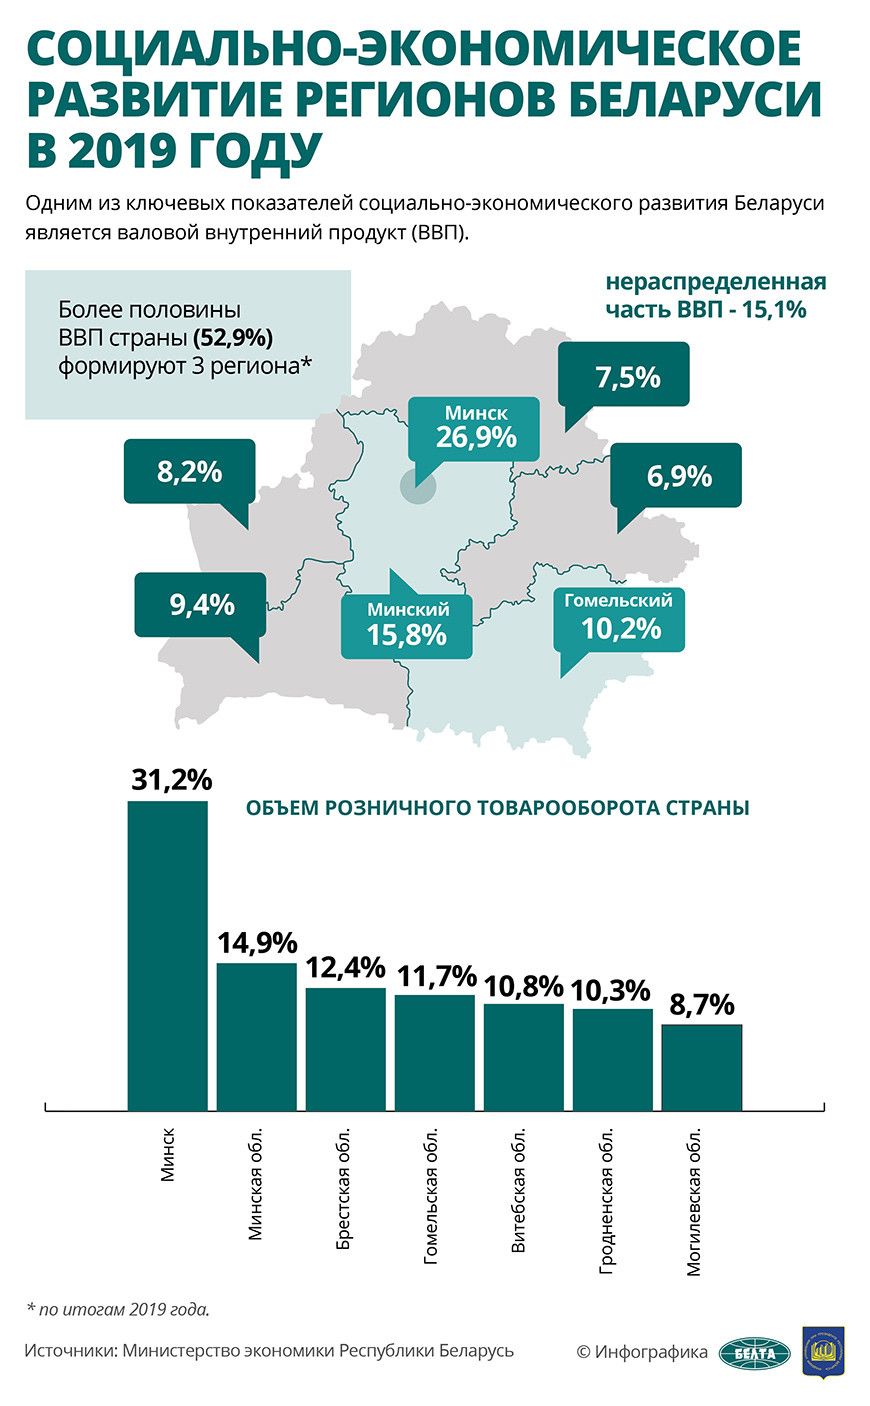 социально-экономическое развитие беларуси в 2019 году